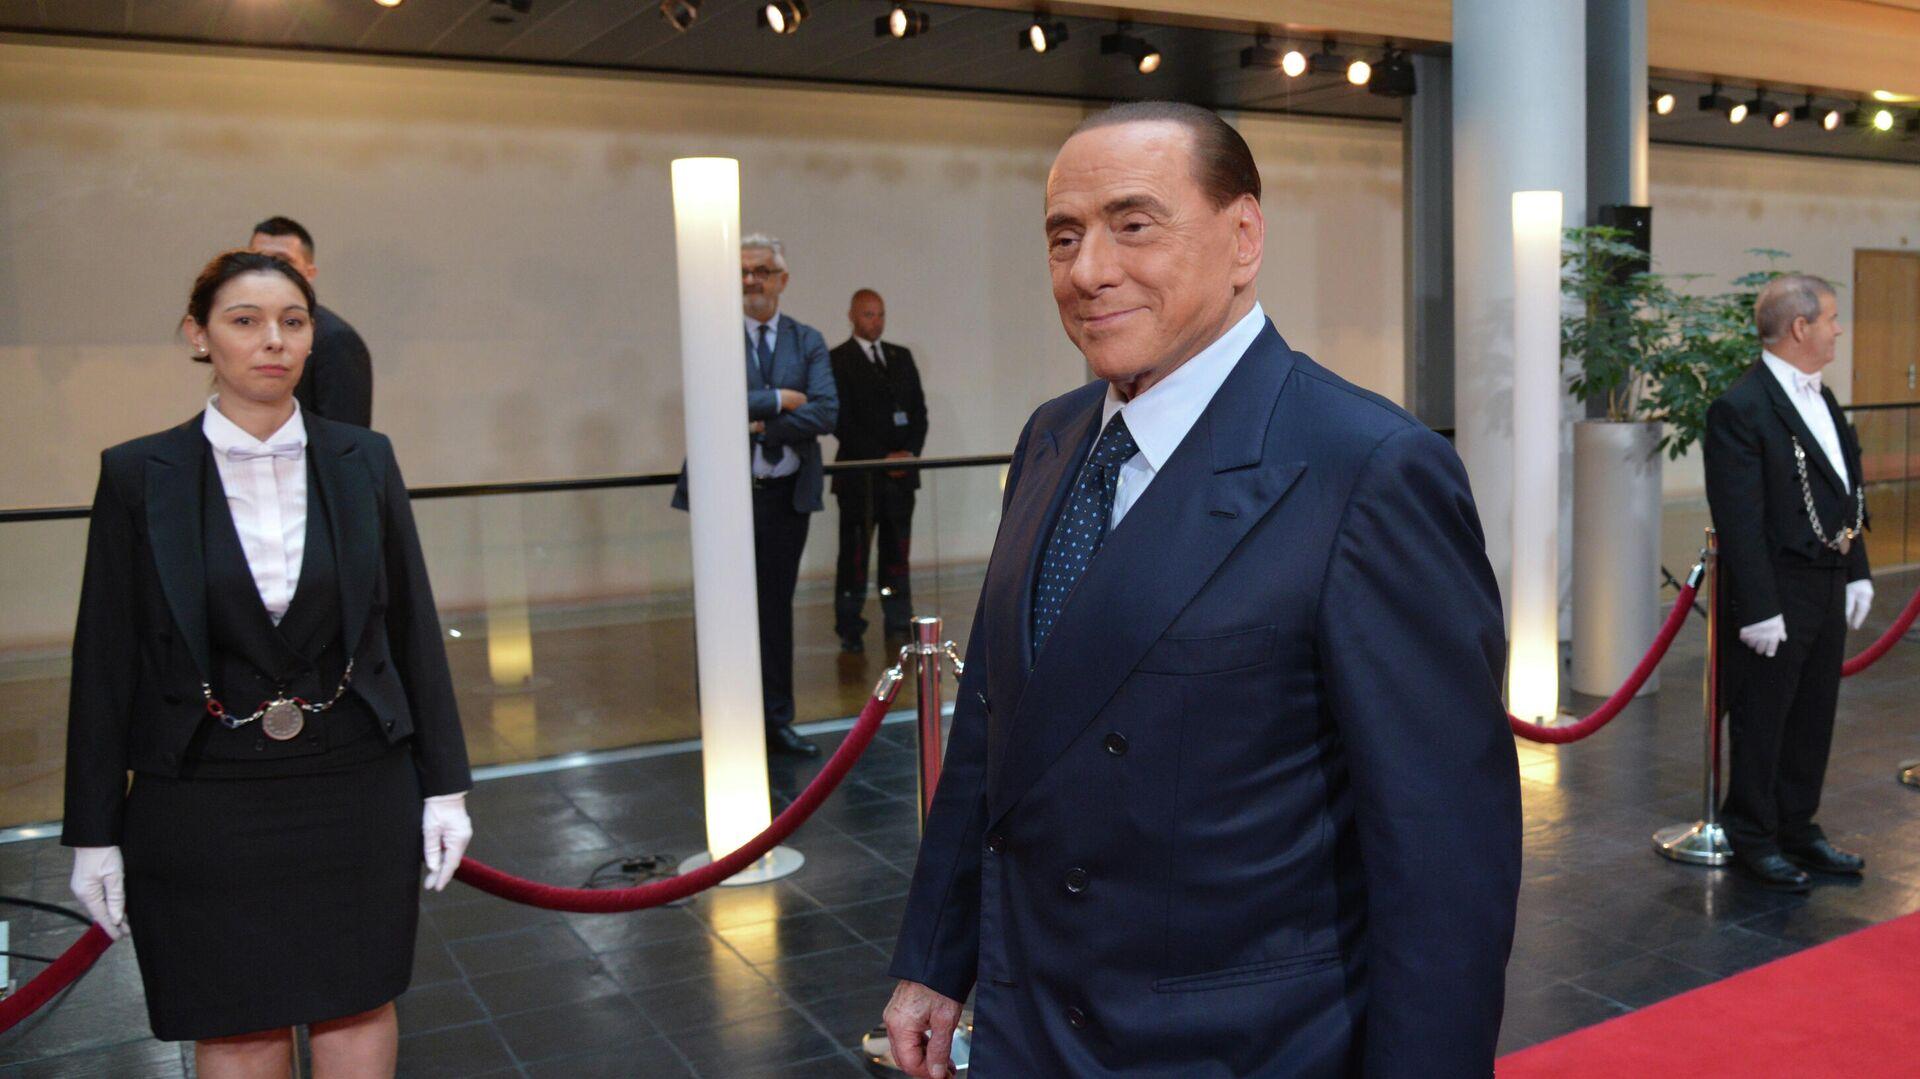 L'ex primo ministro italiano Silvio Berlusconi prima della cerimonia d'addio dell'ex cancelliere tedesco Helmut Kohl al Parlamento europeo, 1 luglio 2017 - Sputnik Italia, 1920, 01.09.2021